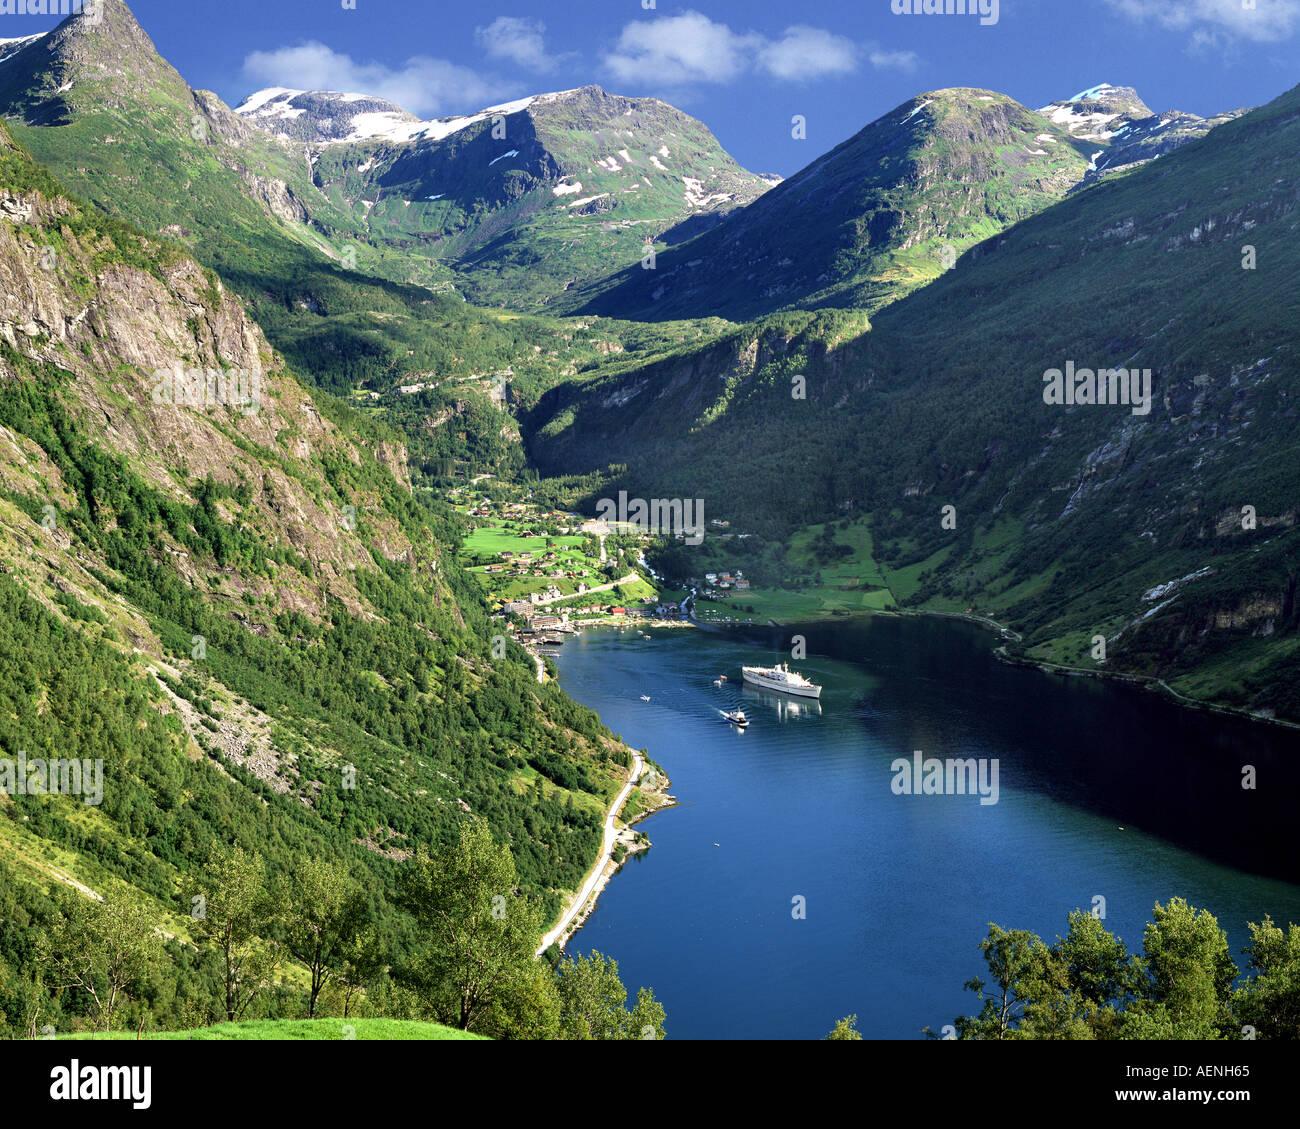 NO - More og Romsdal: Geirangerfjord Imagen De Stock